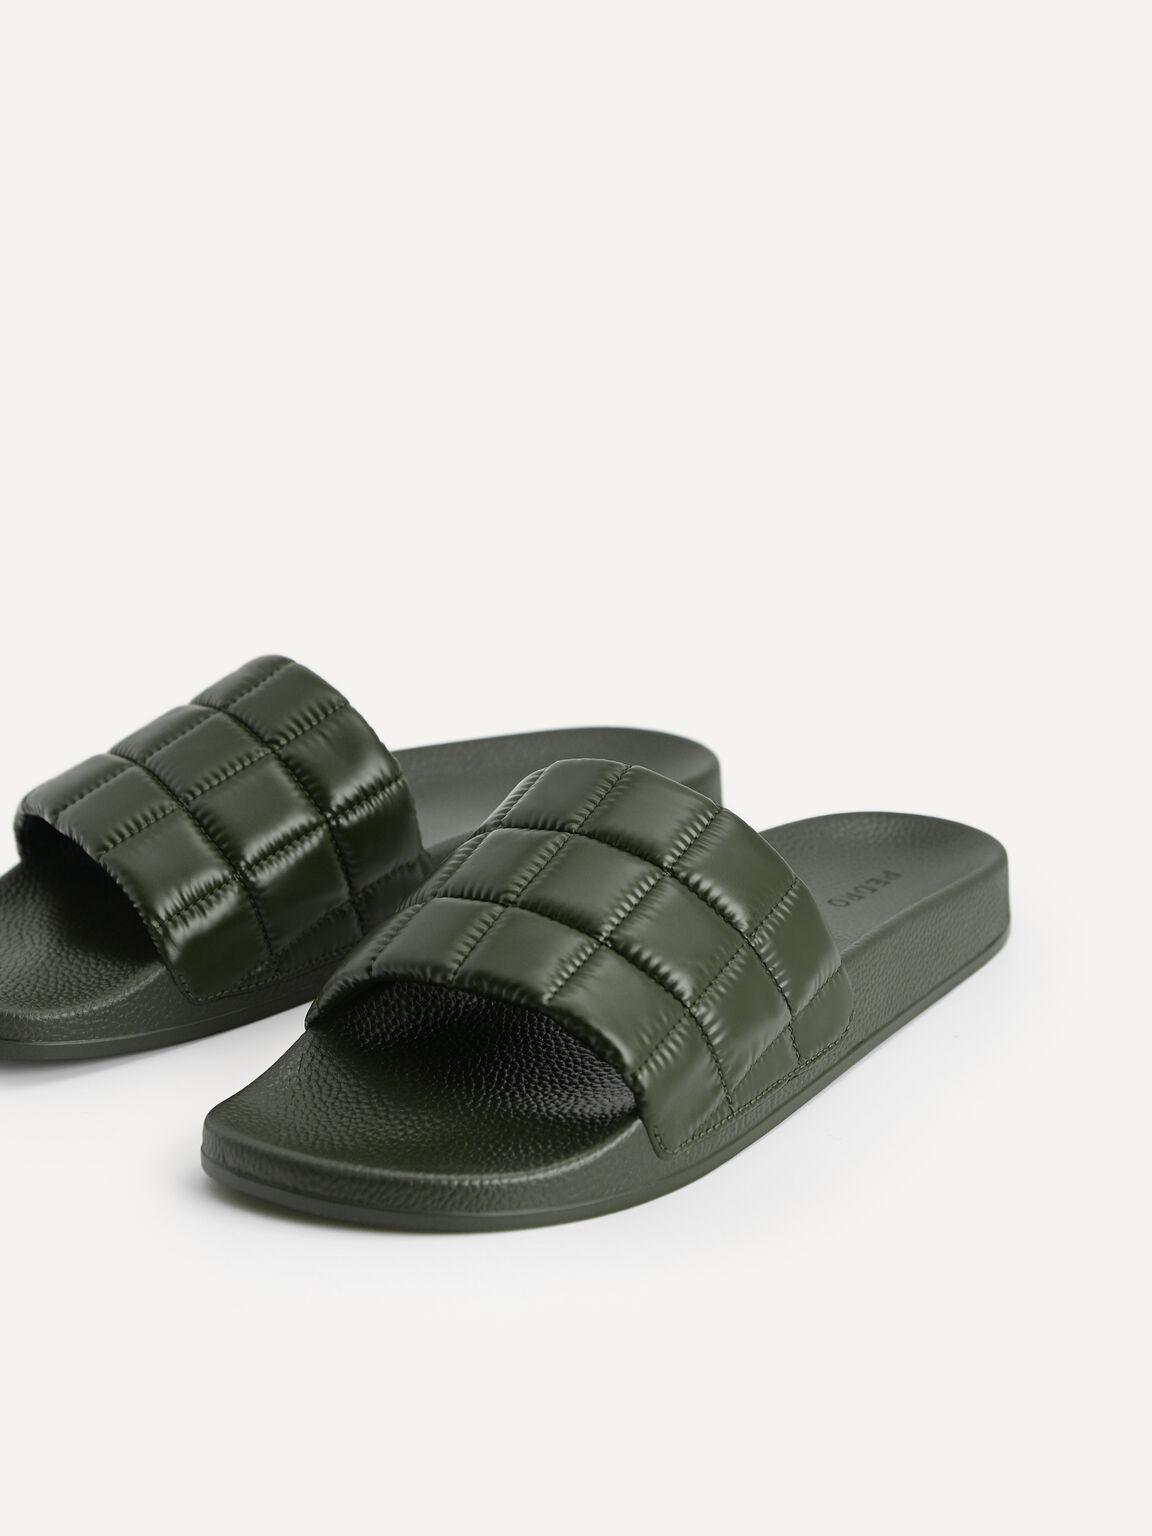 絎縫拖鞋, 军绿色, hi-res